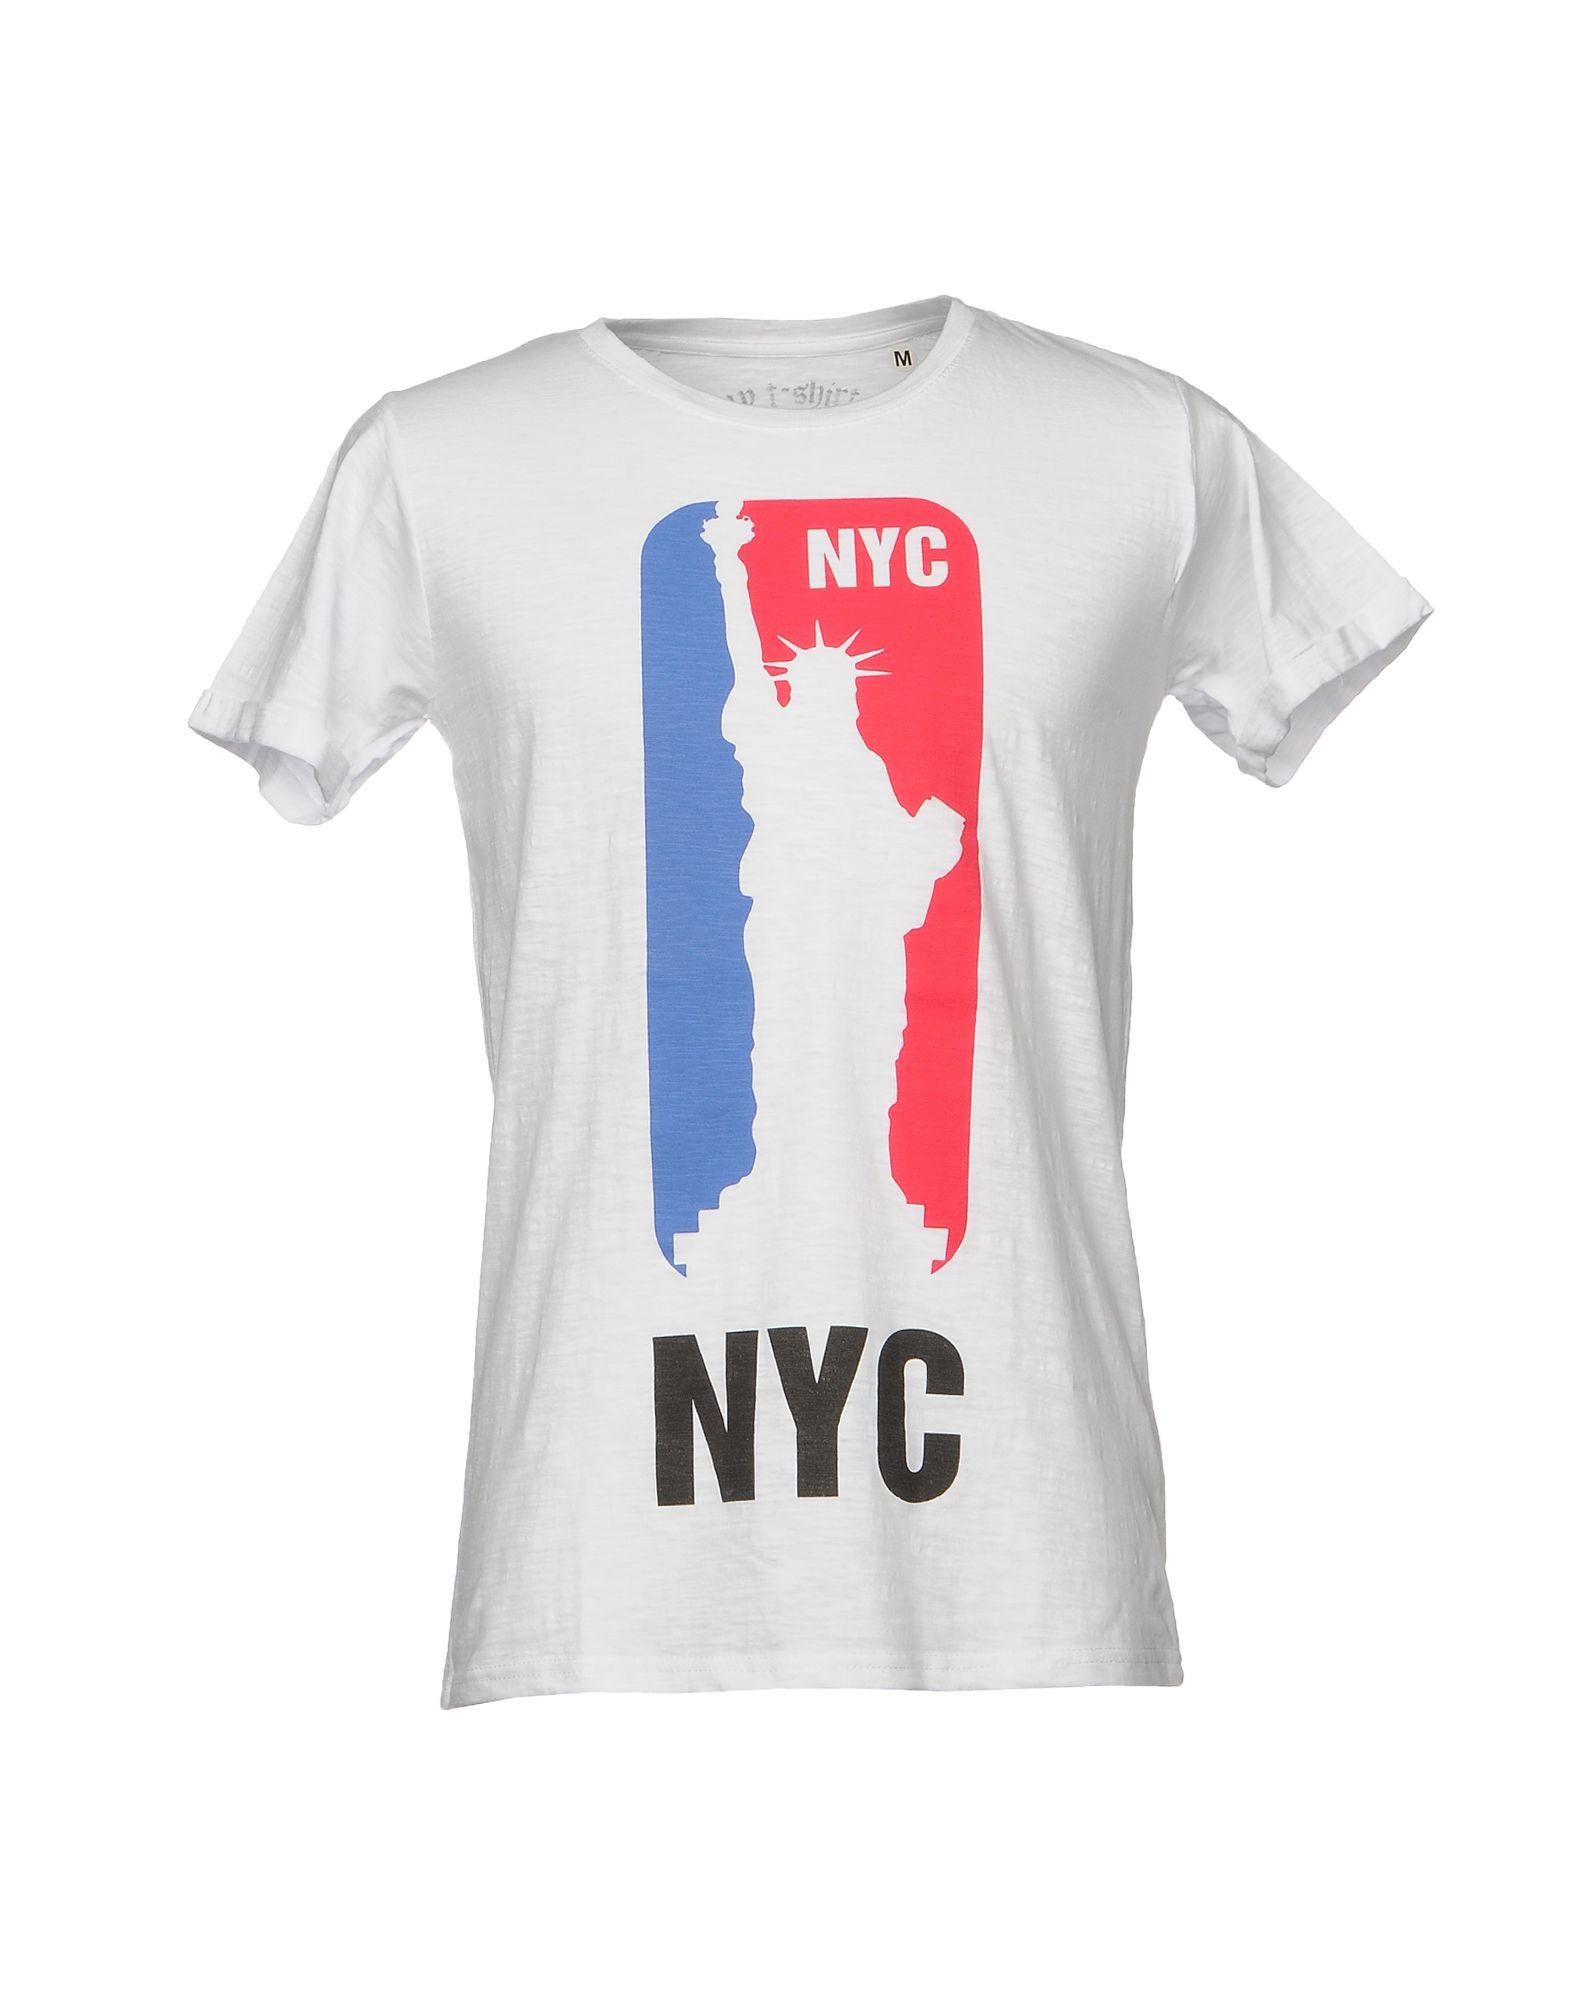 MY T-SHIRT Футболка футболка adidas футболка community t shirt boxing